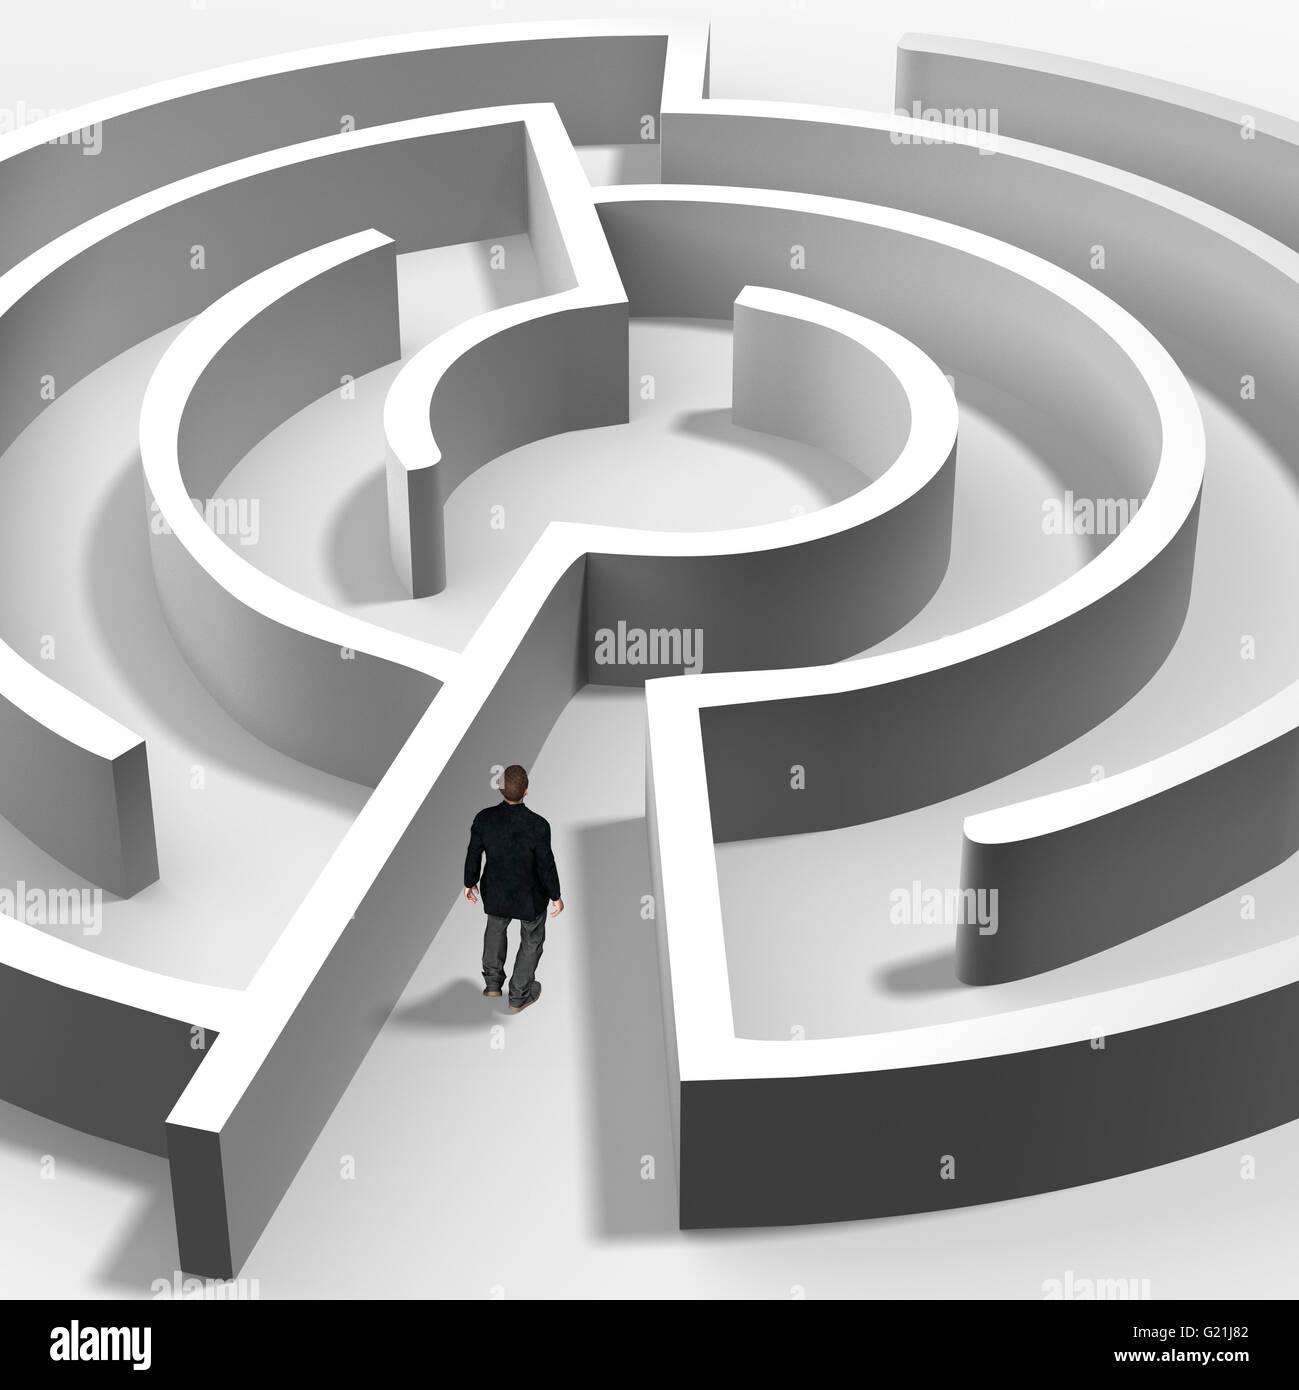 Mann im Labyrinth, symbolischen Bild, Computergrafik Stockbild